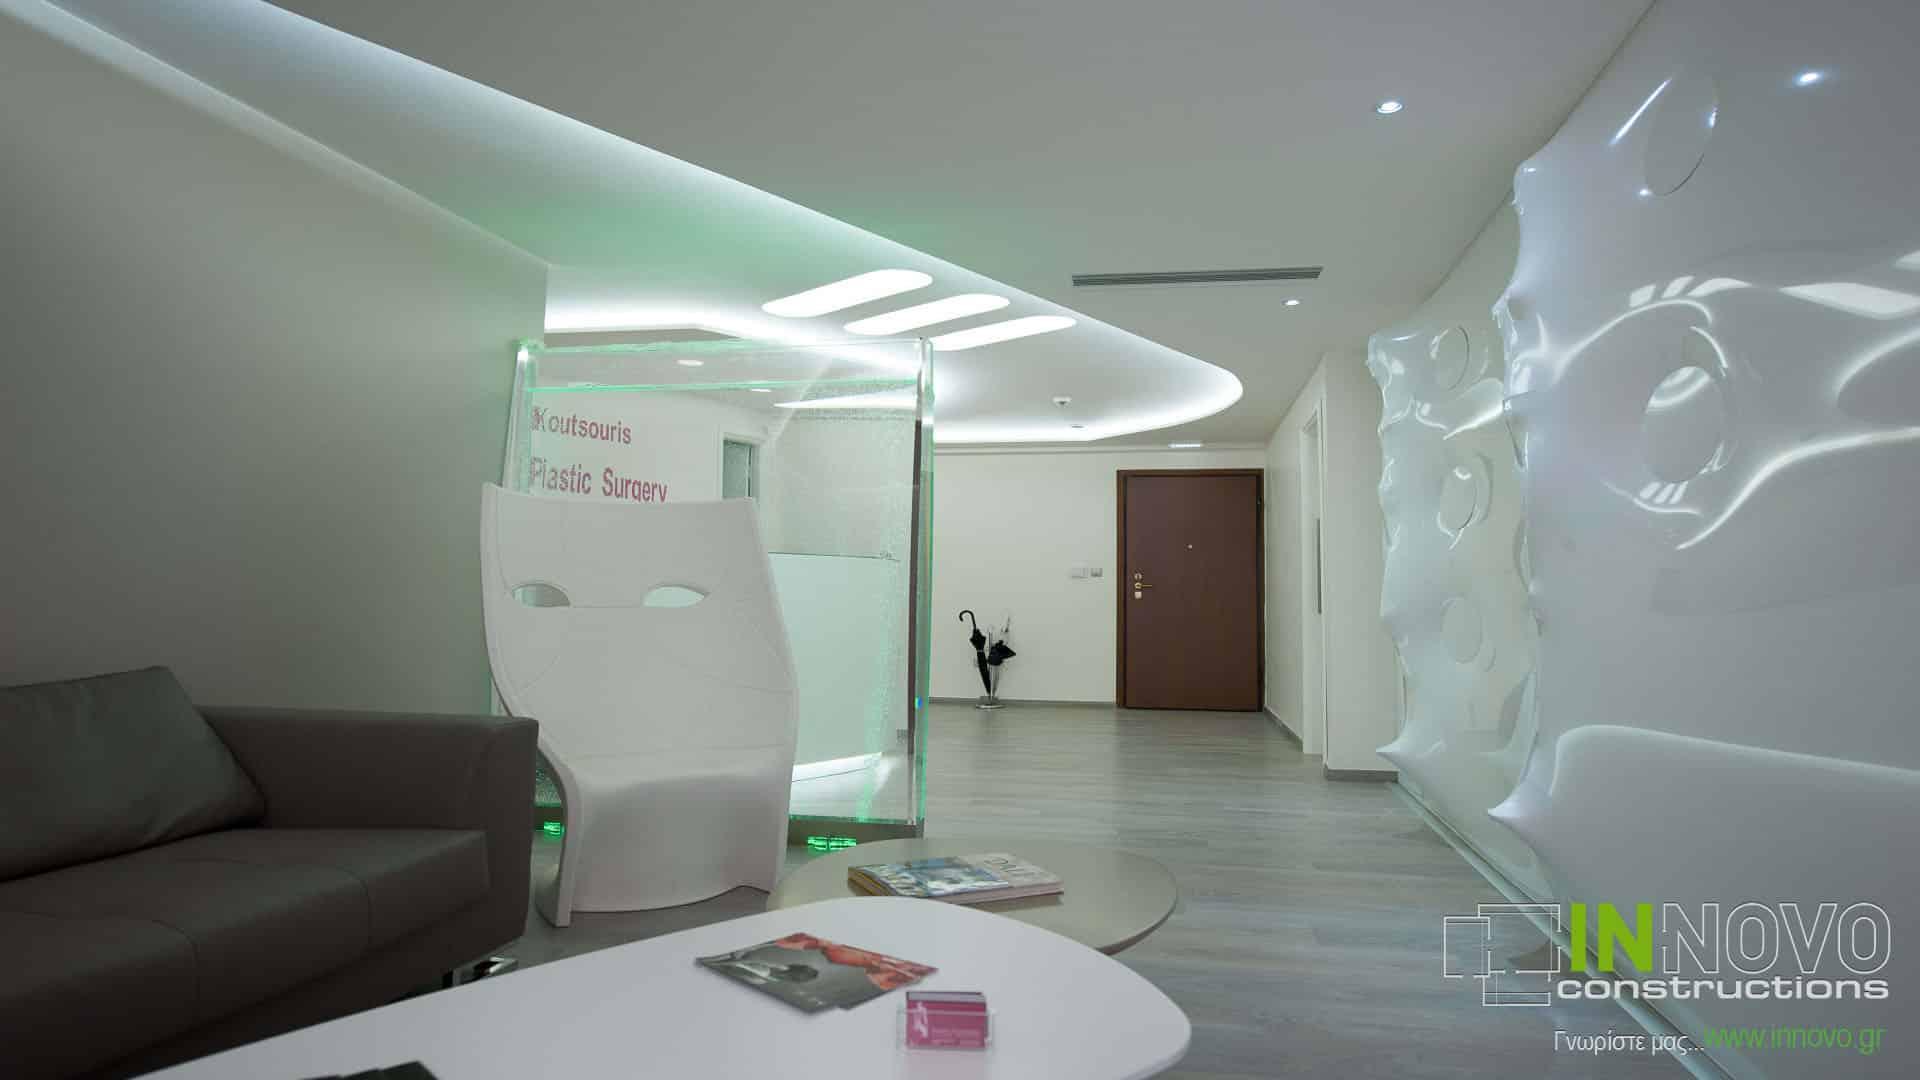 Μελέτη επίπλωσης Ιατρείου Πλαστικής Χειρουργικής στην Τρίπολη